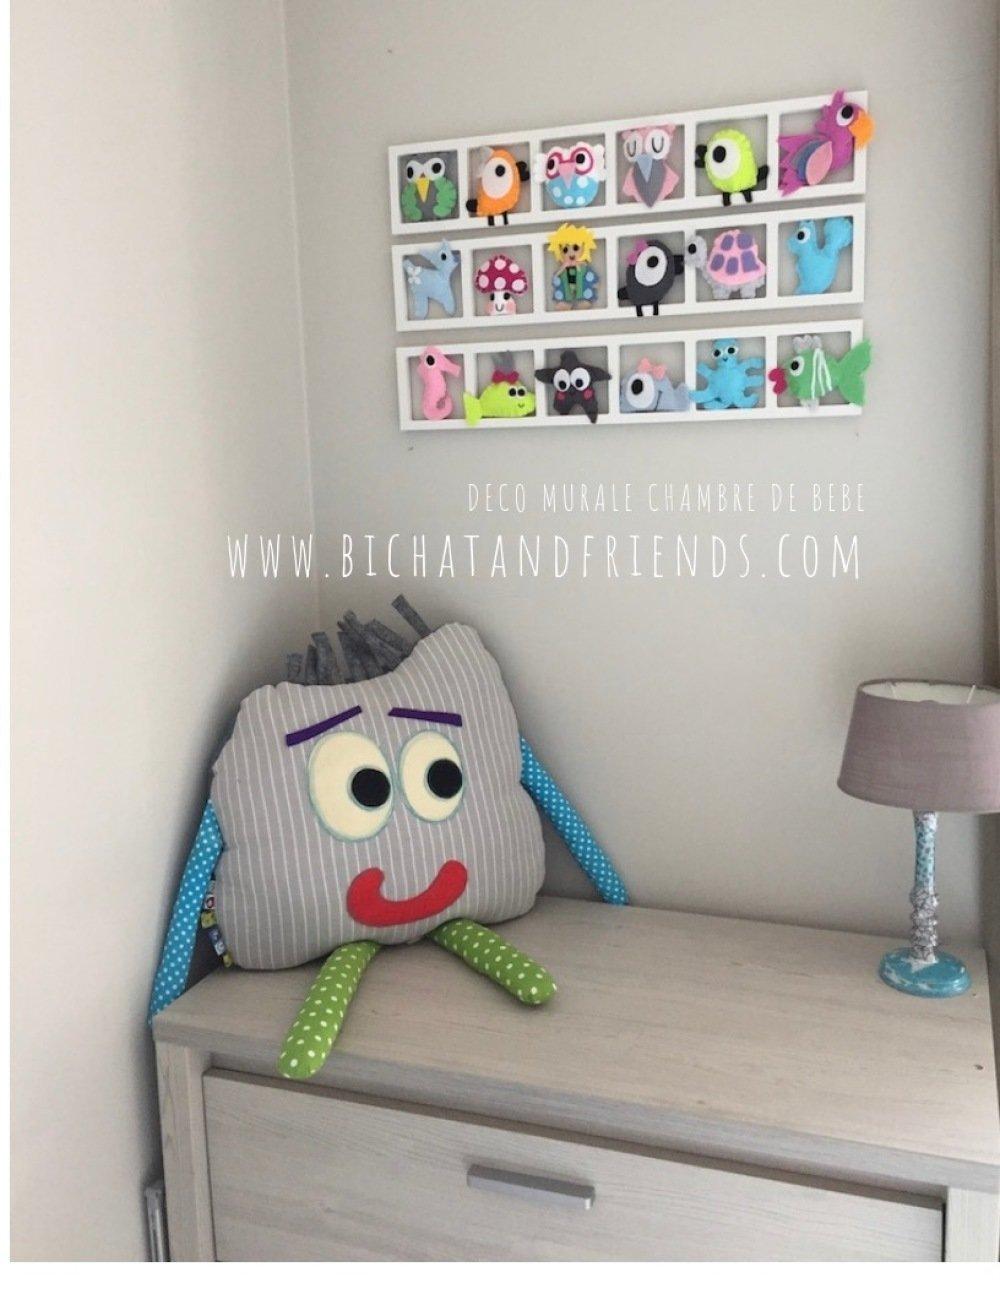 Décoration pour chambre enfant multicolore animaux pastels.